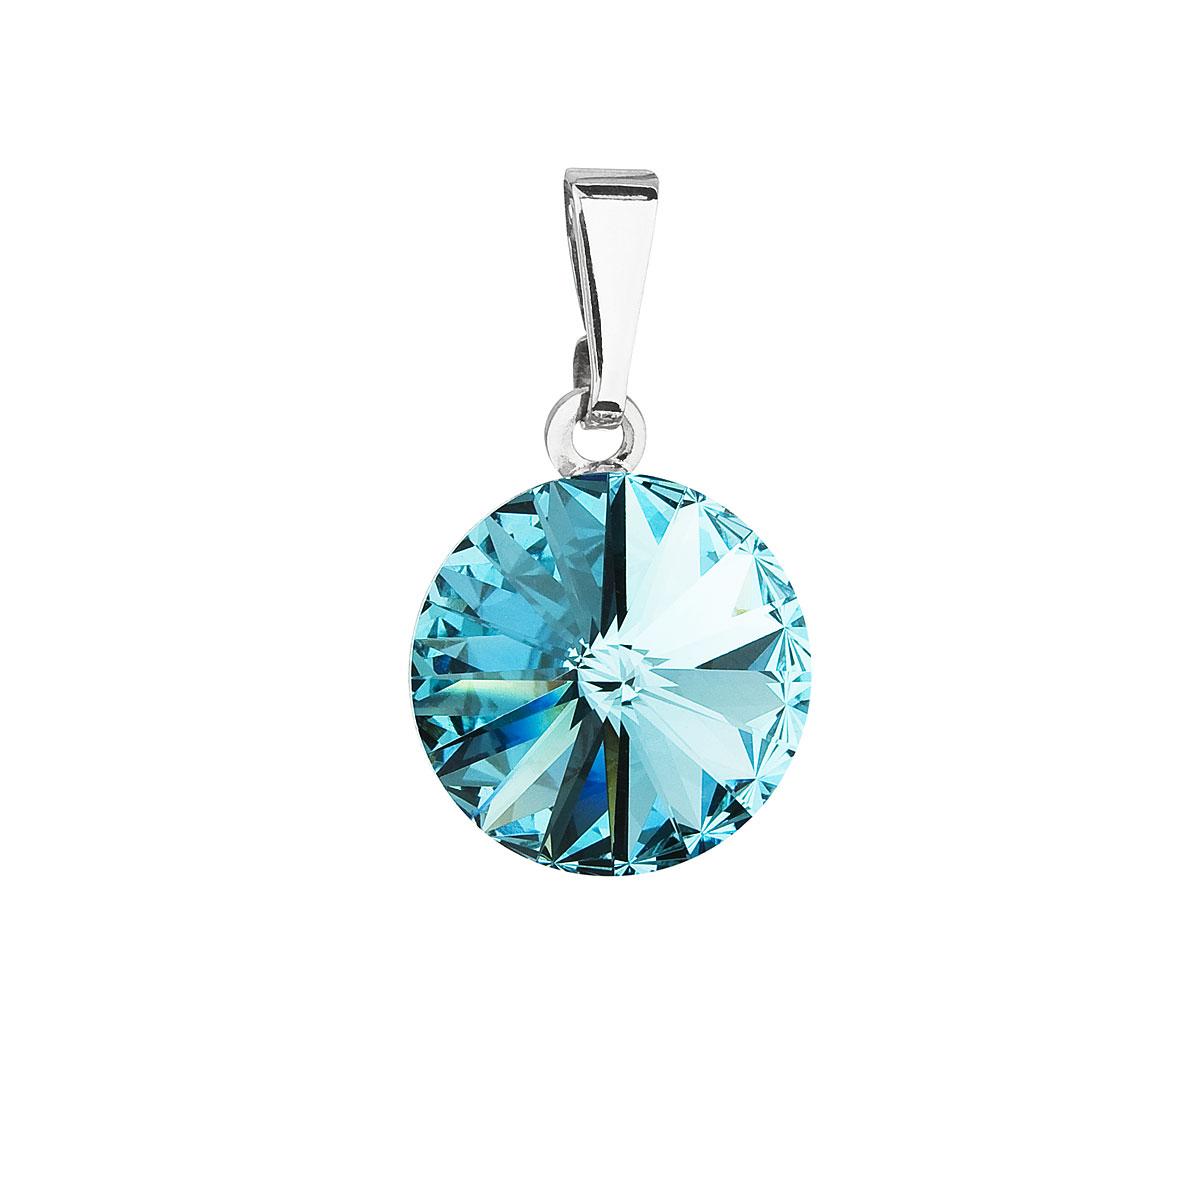 Evolution Group Přívěsek se Swarovski krystaly modrý kulatý 54001.3 light turquoise